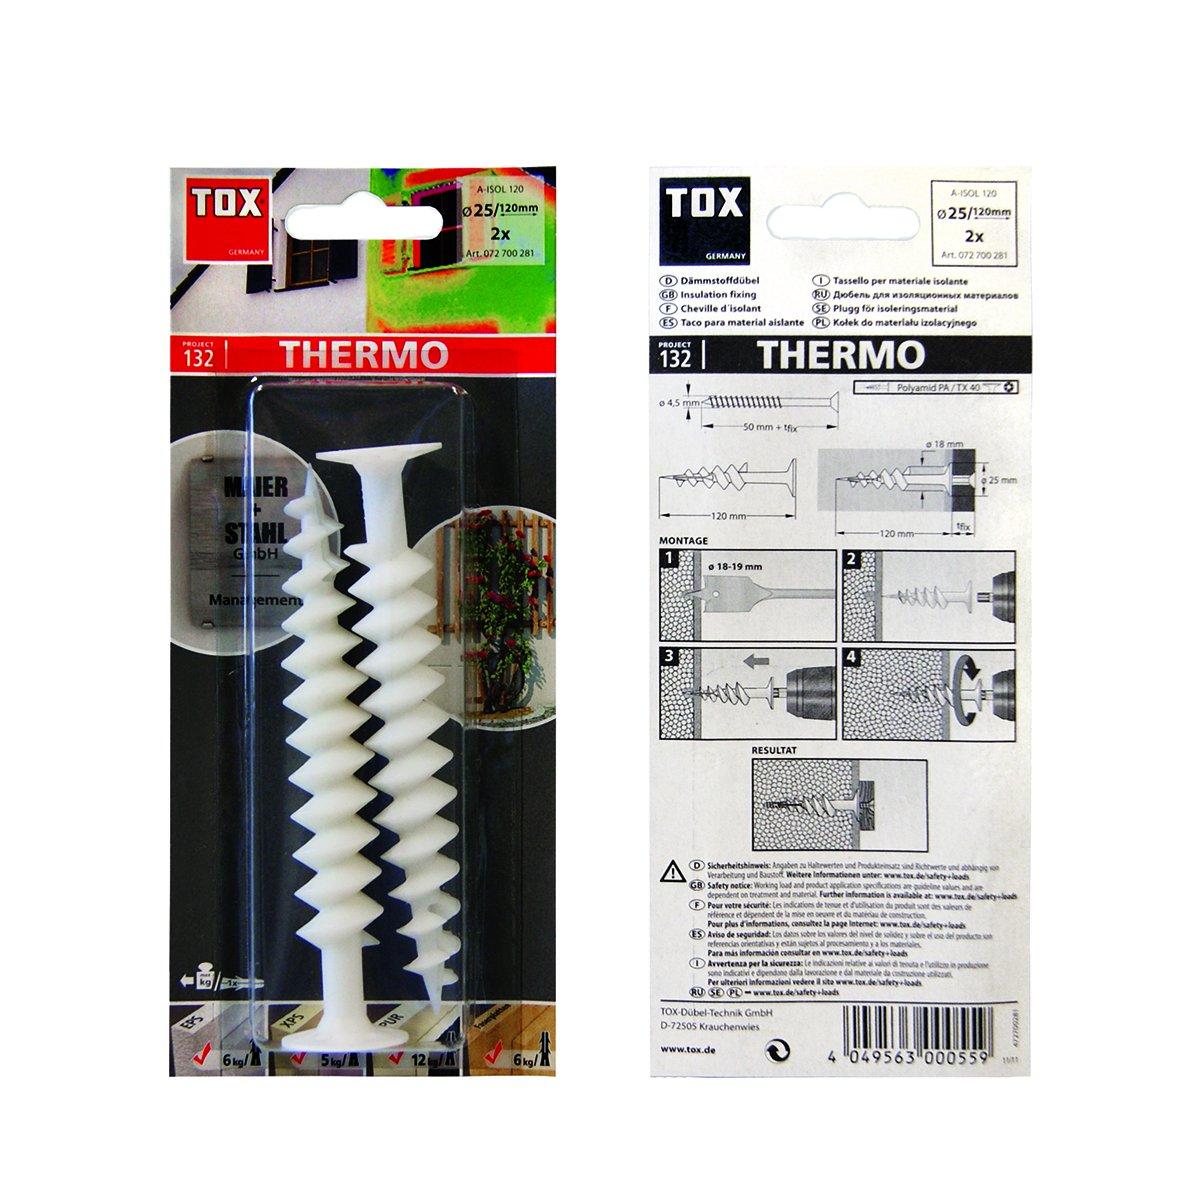 2 St/ück 072700281 TOX D/ämmstoffd/übel Thermo 120 mm